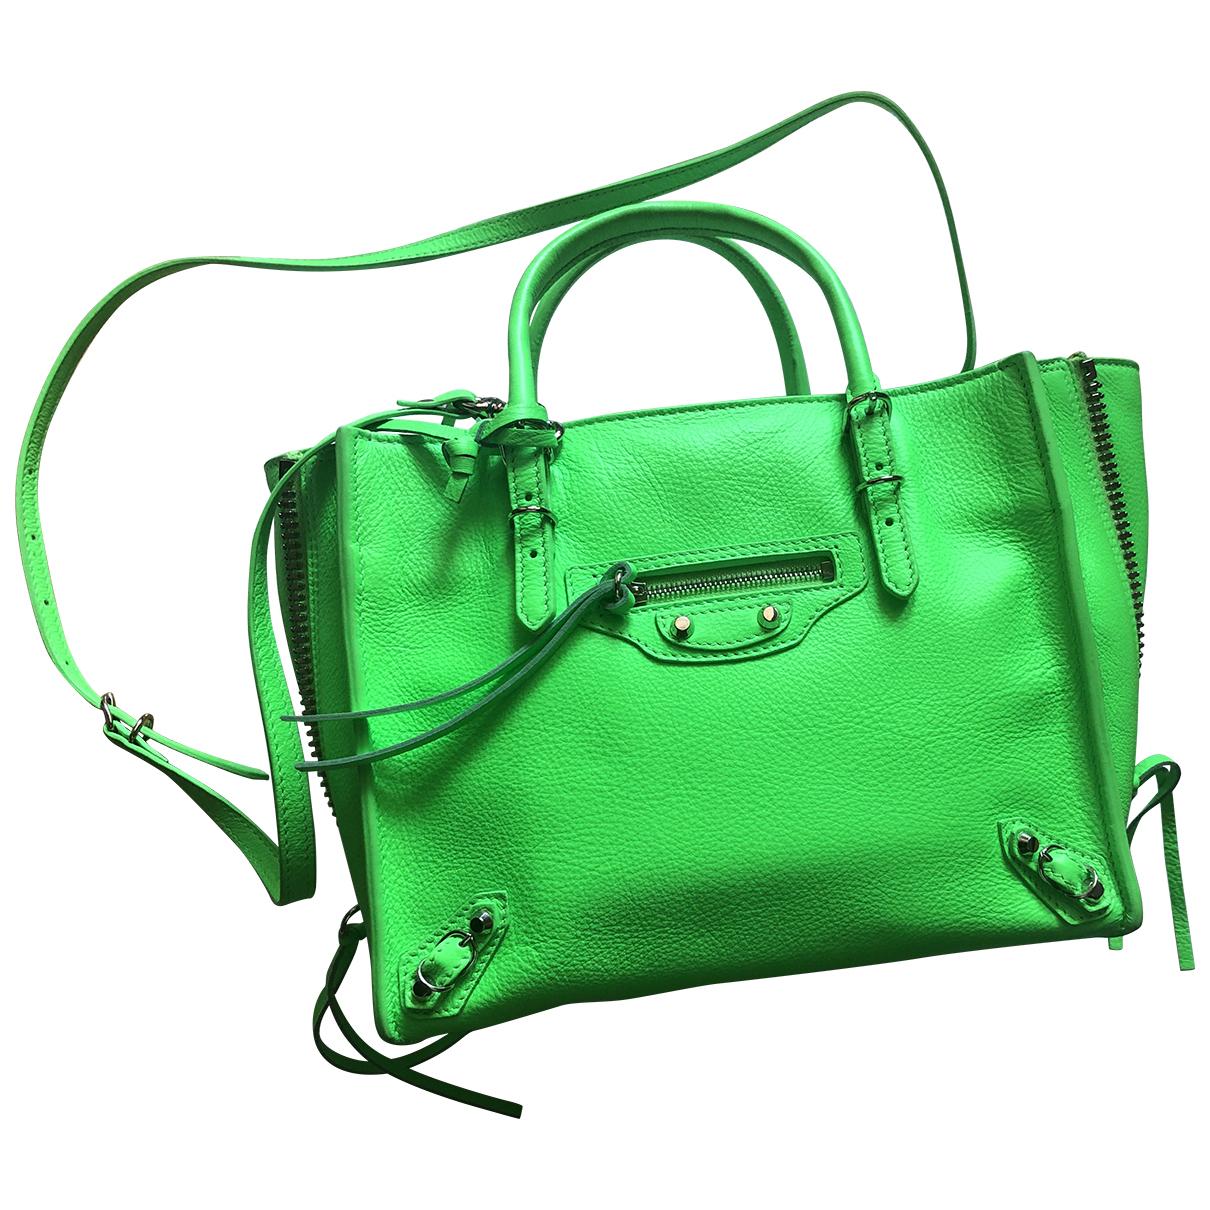 Balenciaga Papier Green Leather handbag for Women N